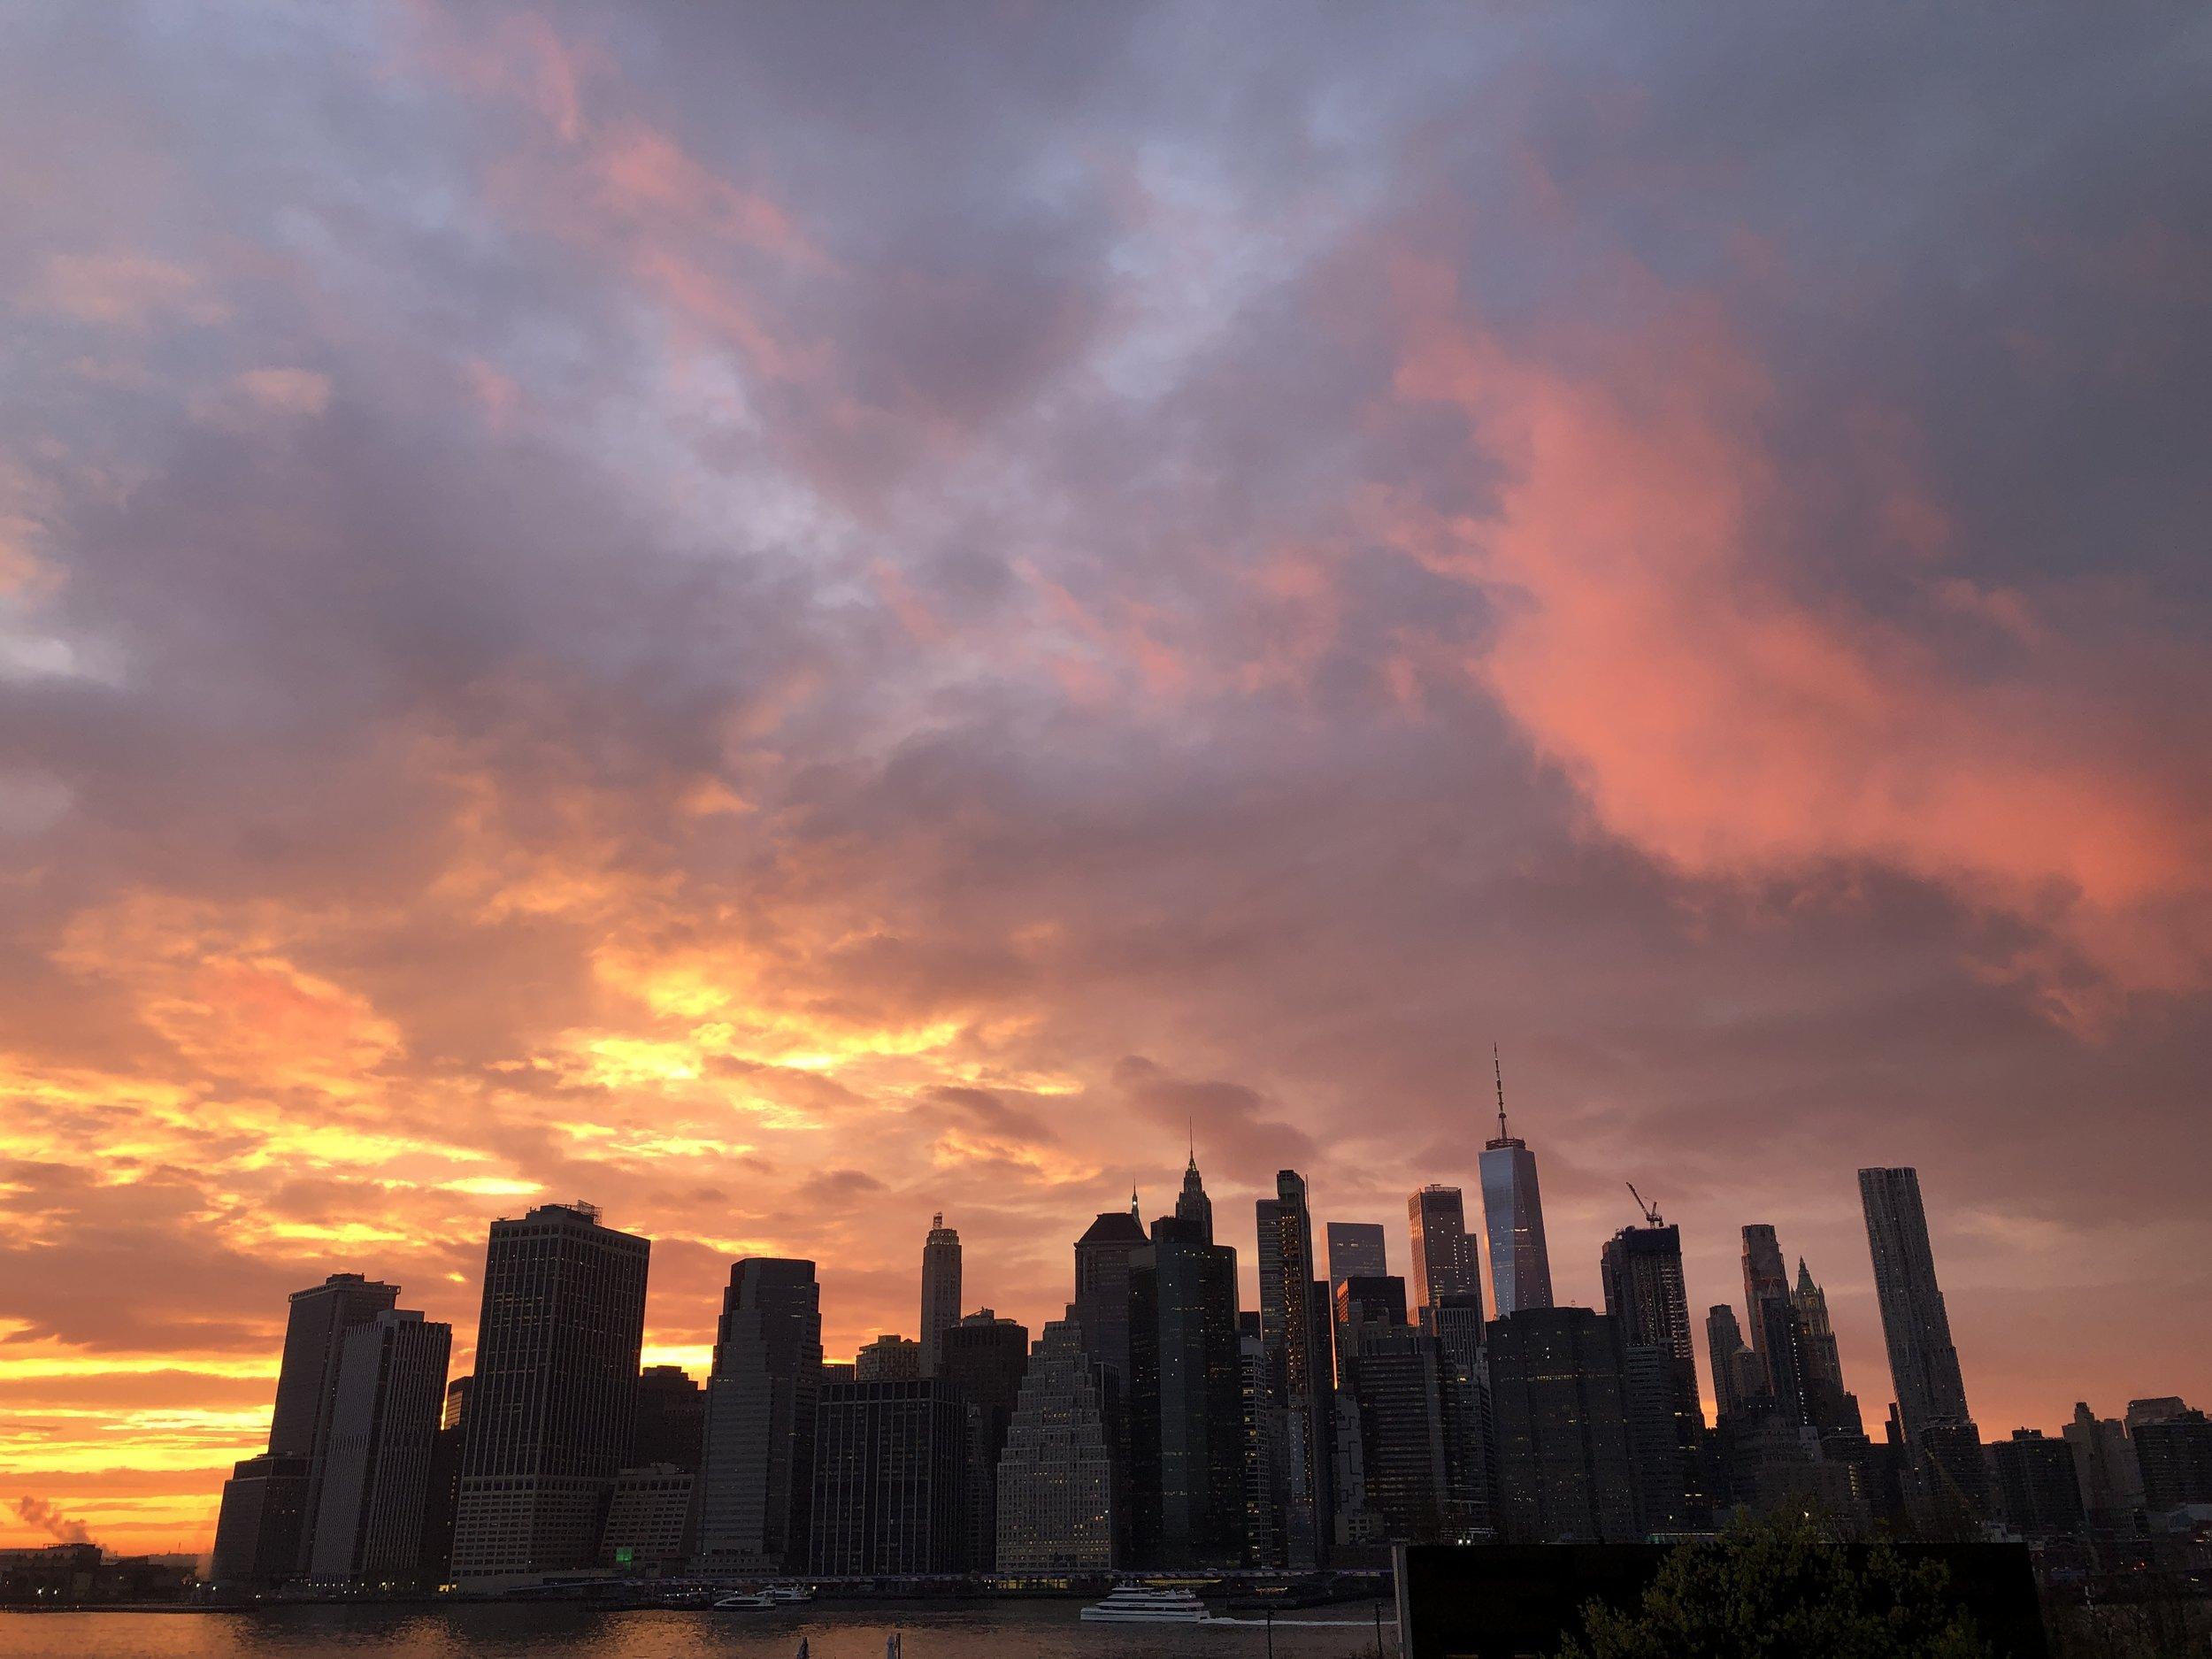 Sunset City.jpeg